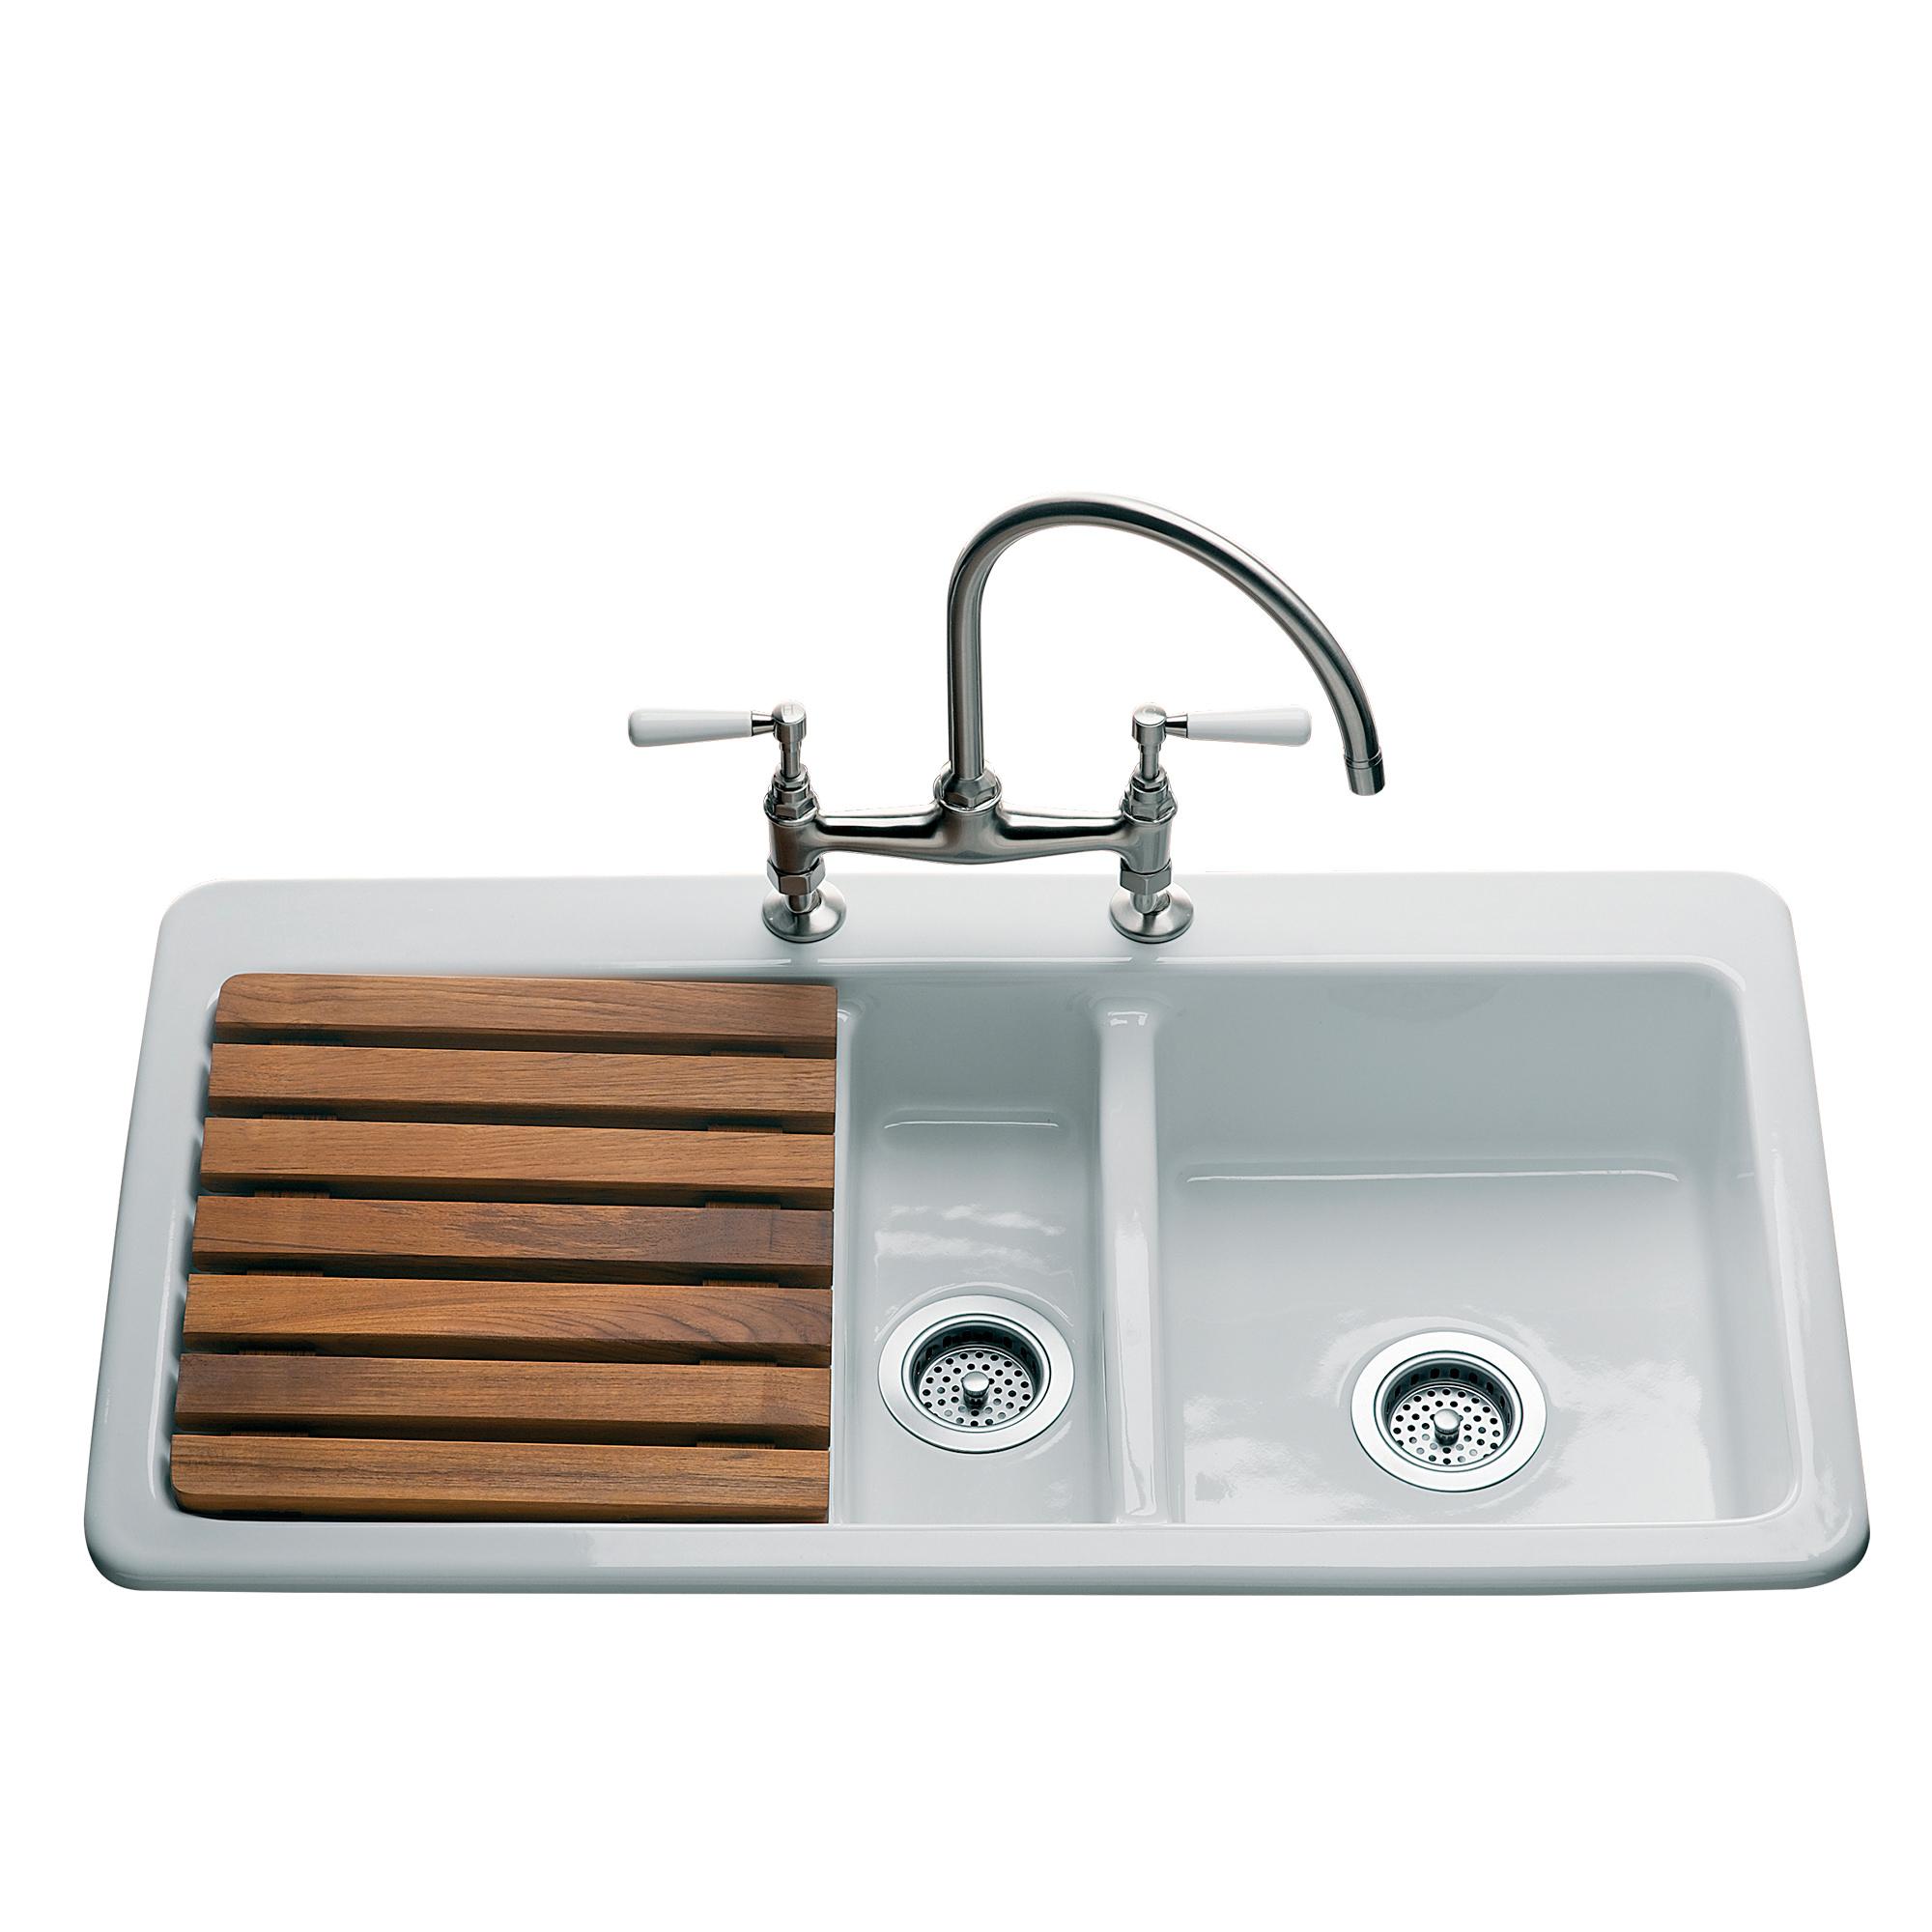 Retro Kuchen Spulbecken Traditional Bathrooms